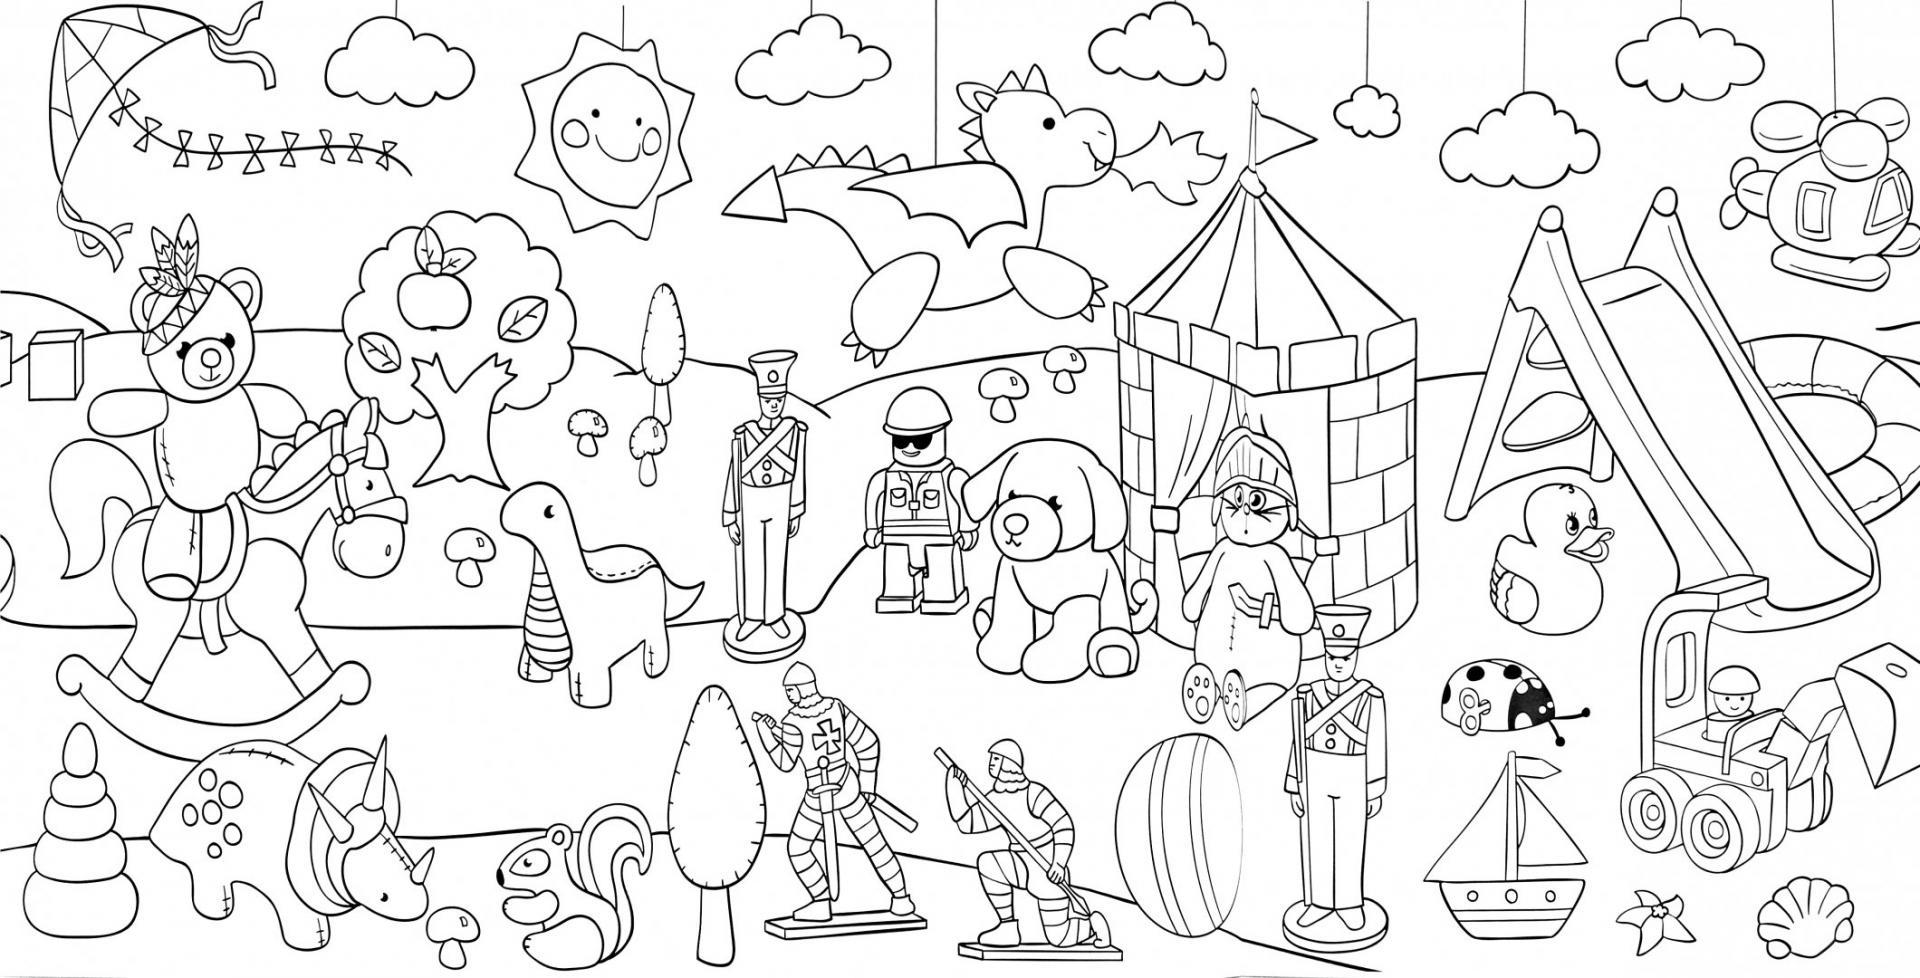 щёкино рисунок магазин игрушек карандашом прослоить